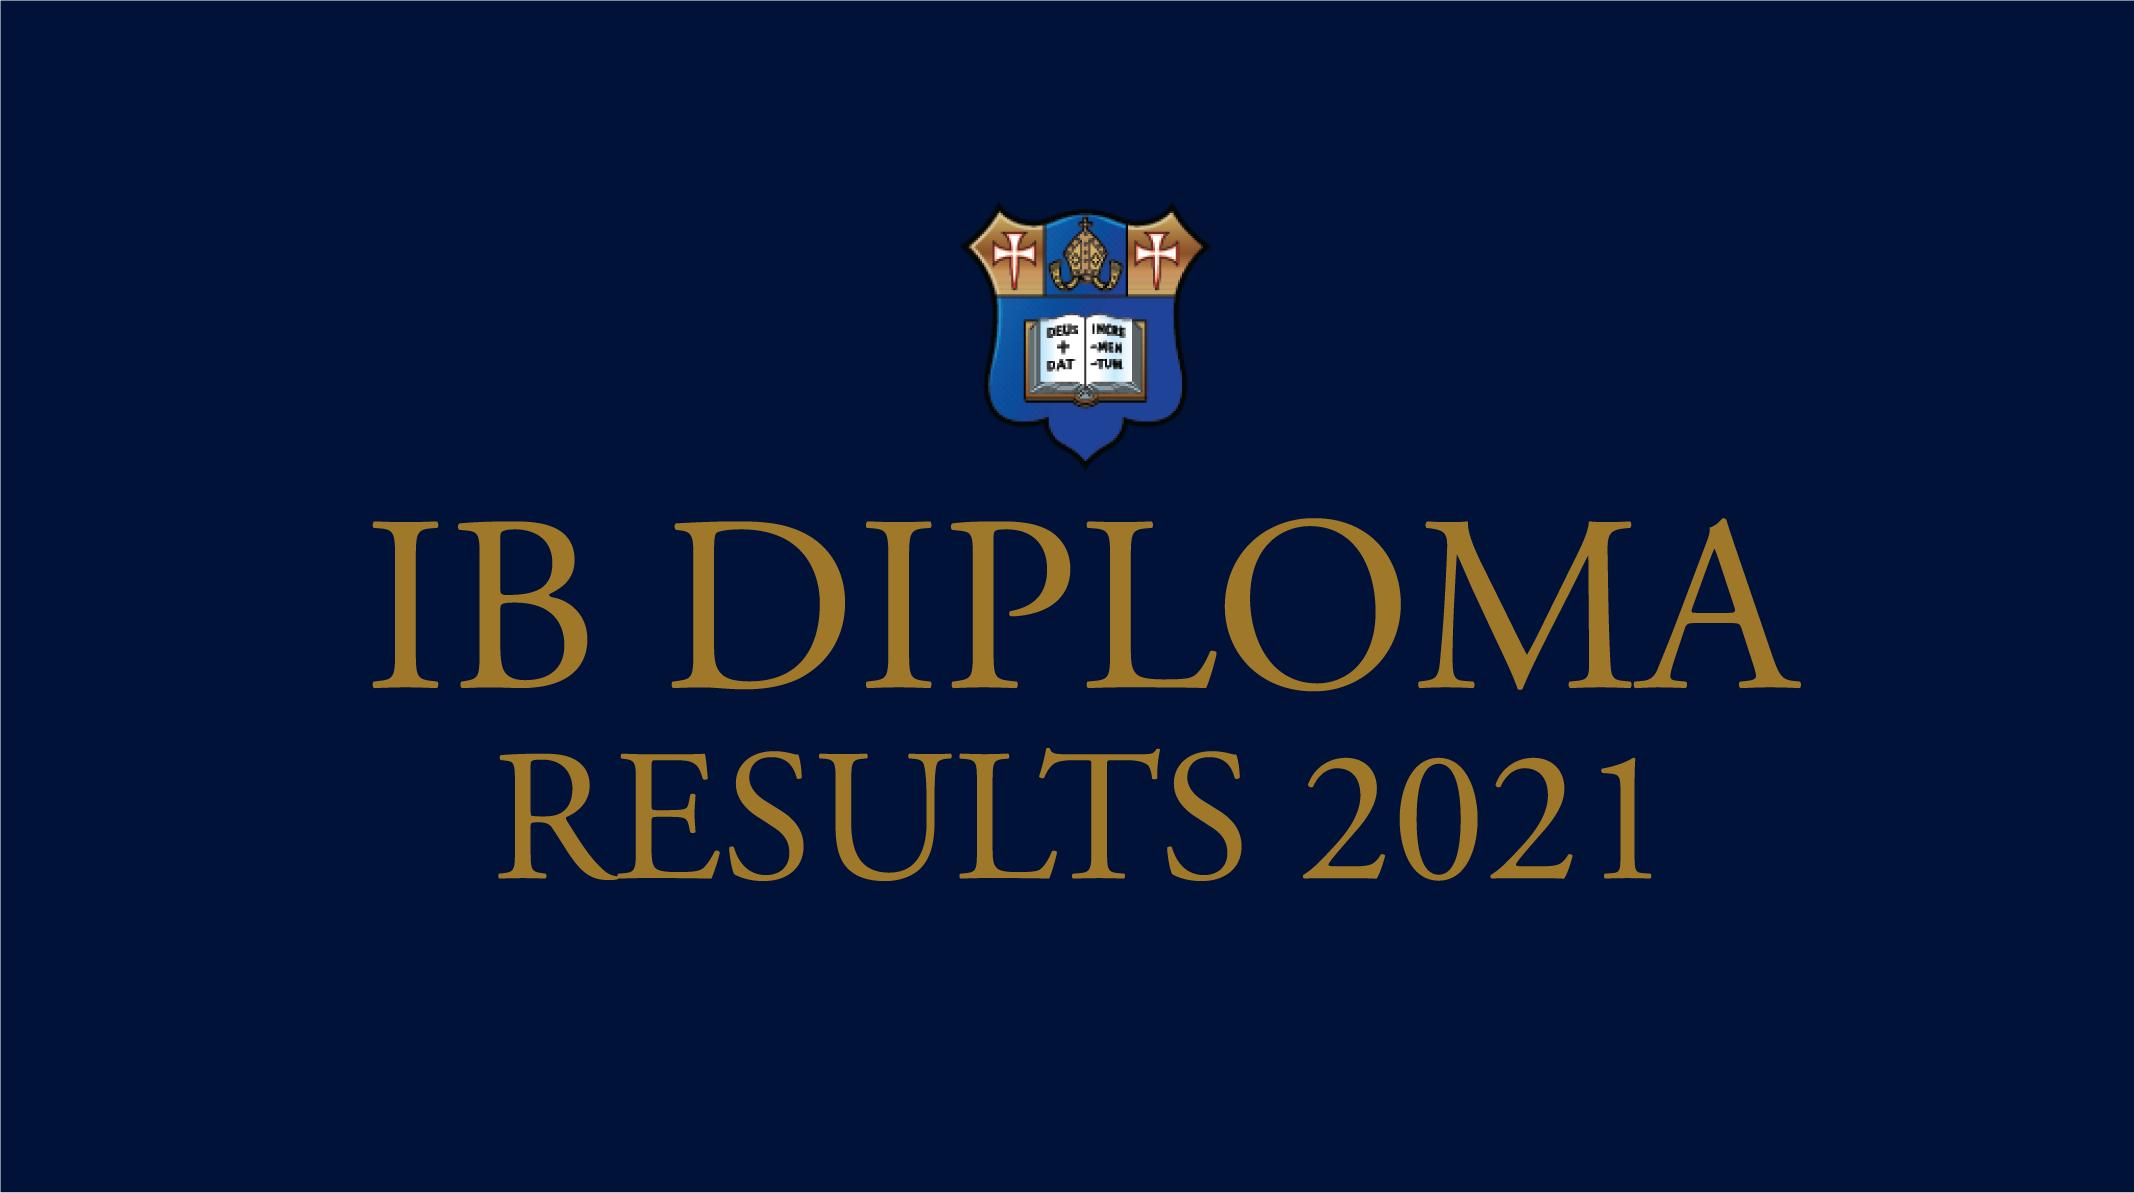 IB Results 2021